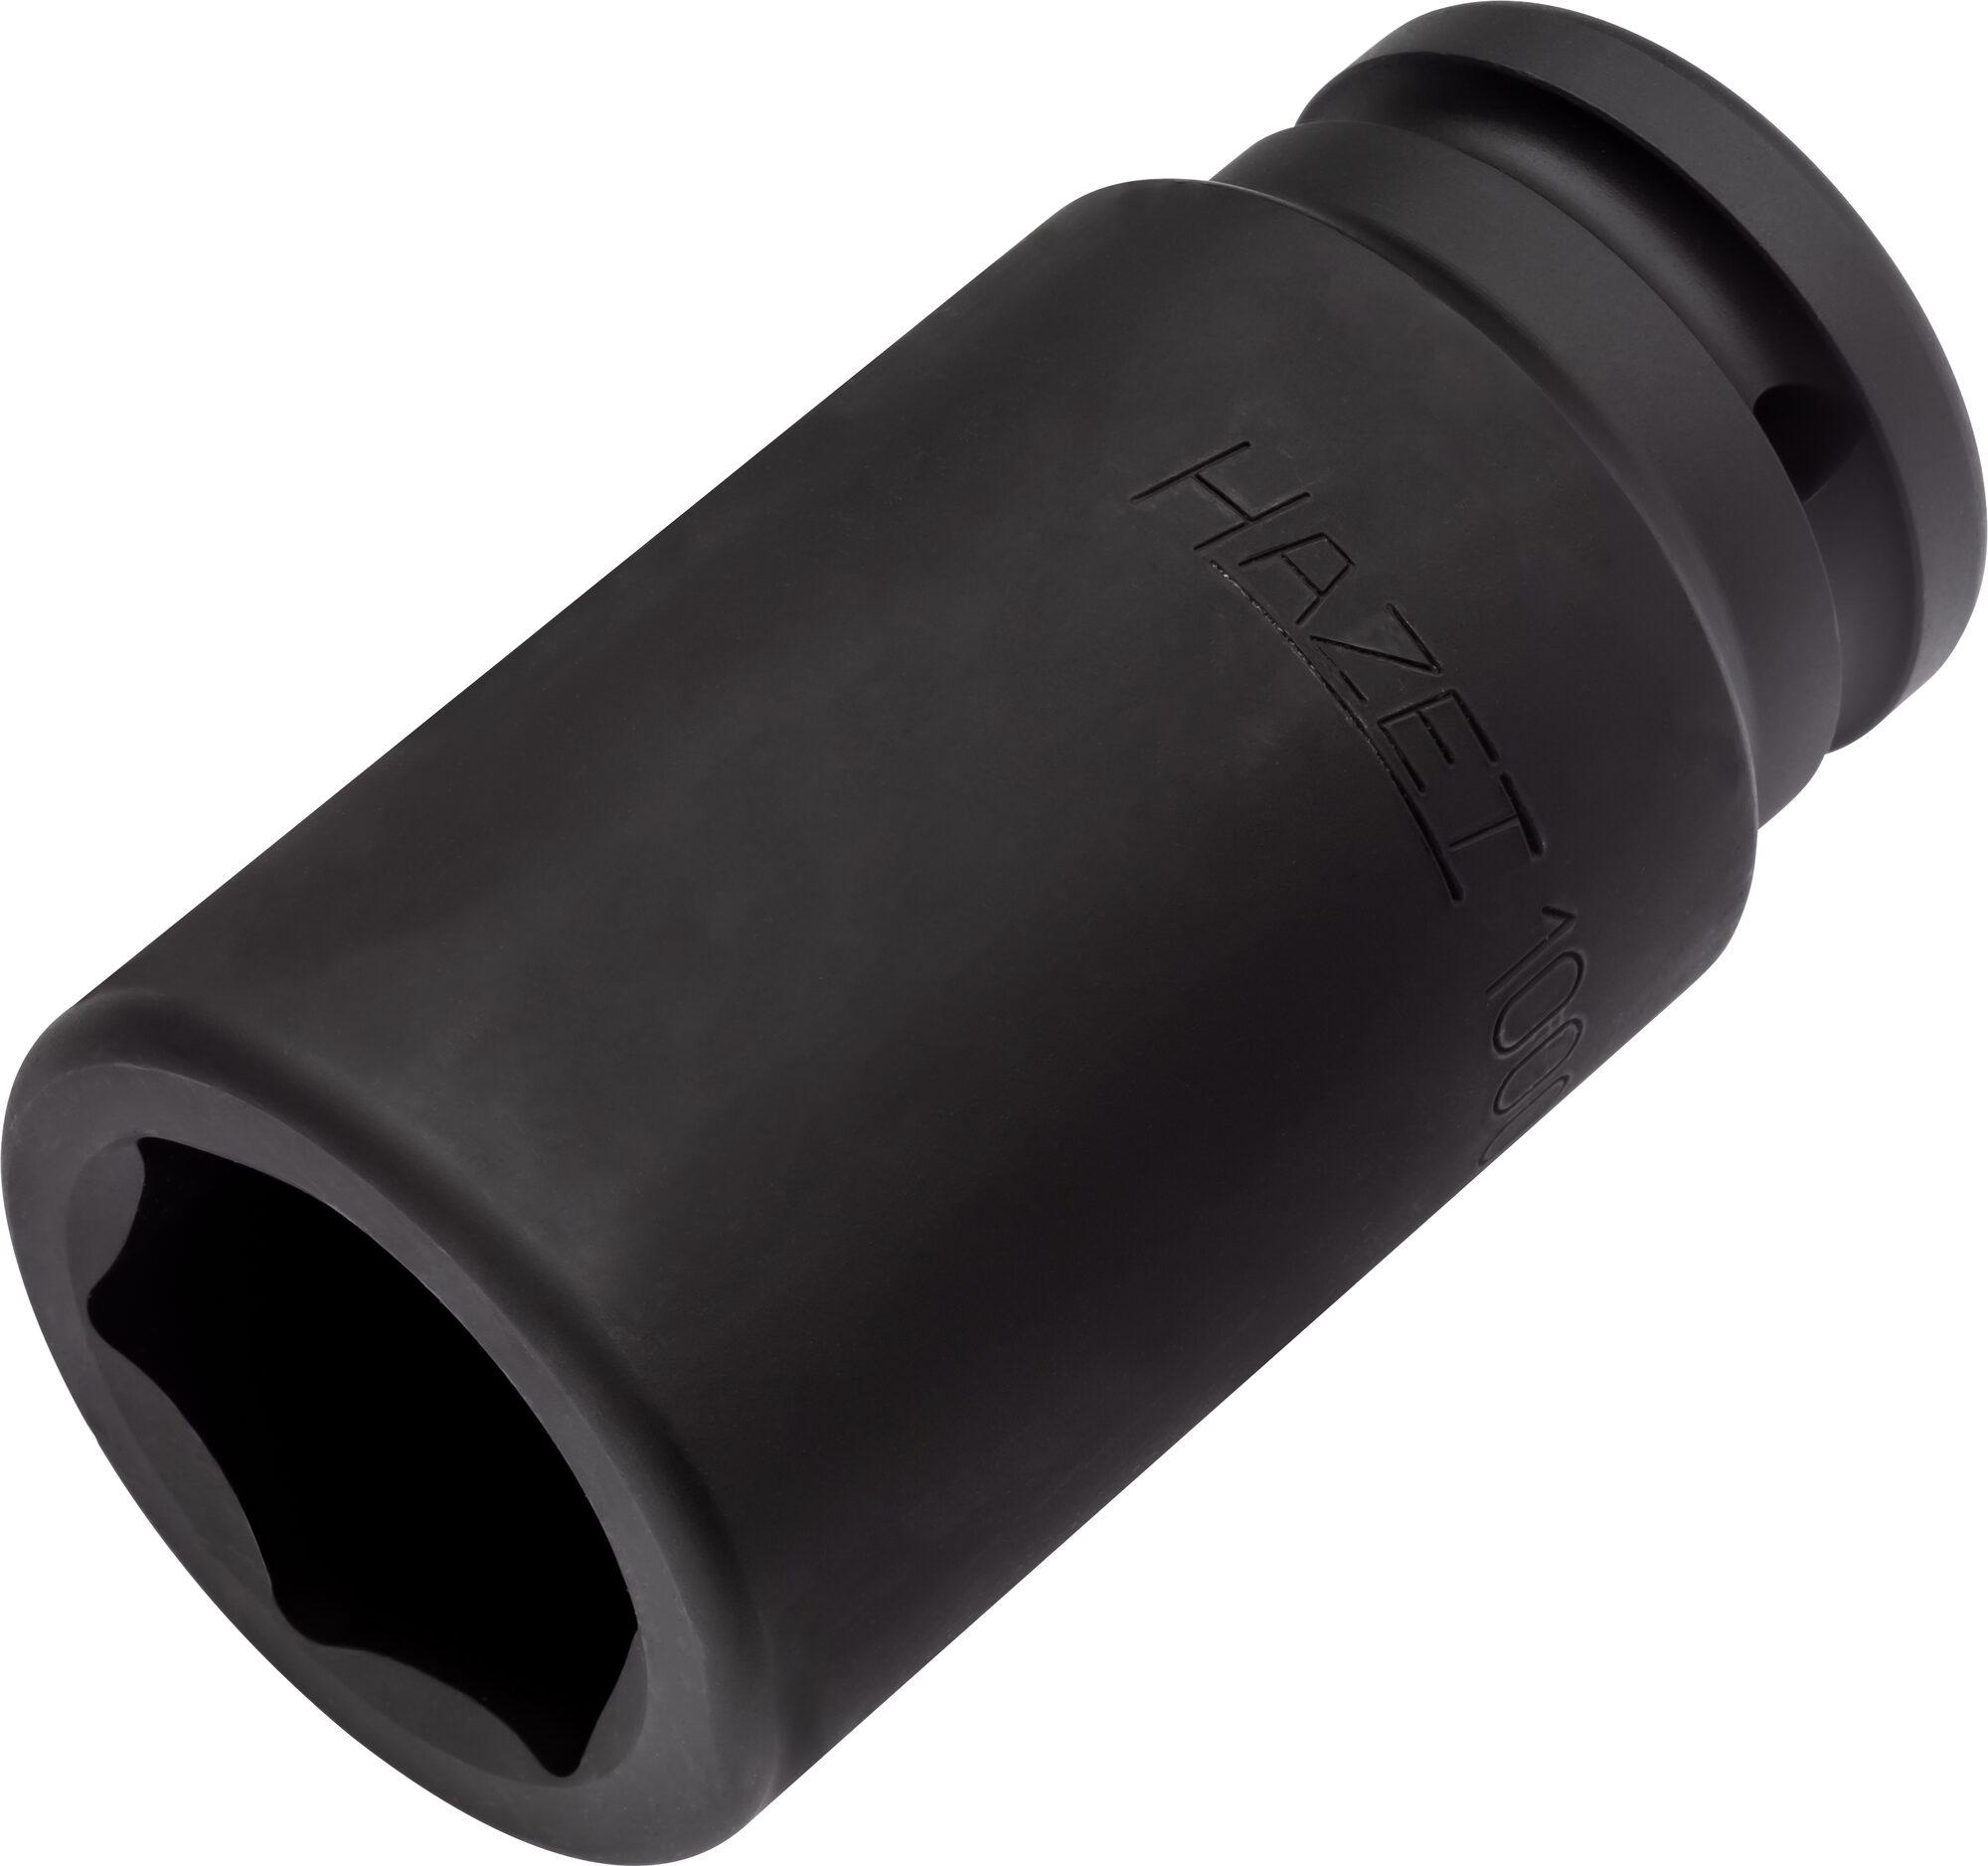 HAZET Schlag- ∙ Maschinenschrauber Steckschlüsseleinsatz ∙ Sechskant 1000SLG-33 ∙ Vierkant hohl 20 mm (3/4 Zoll)